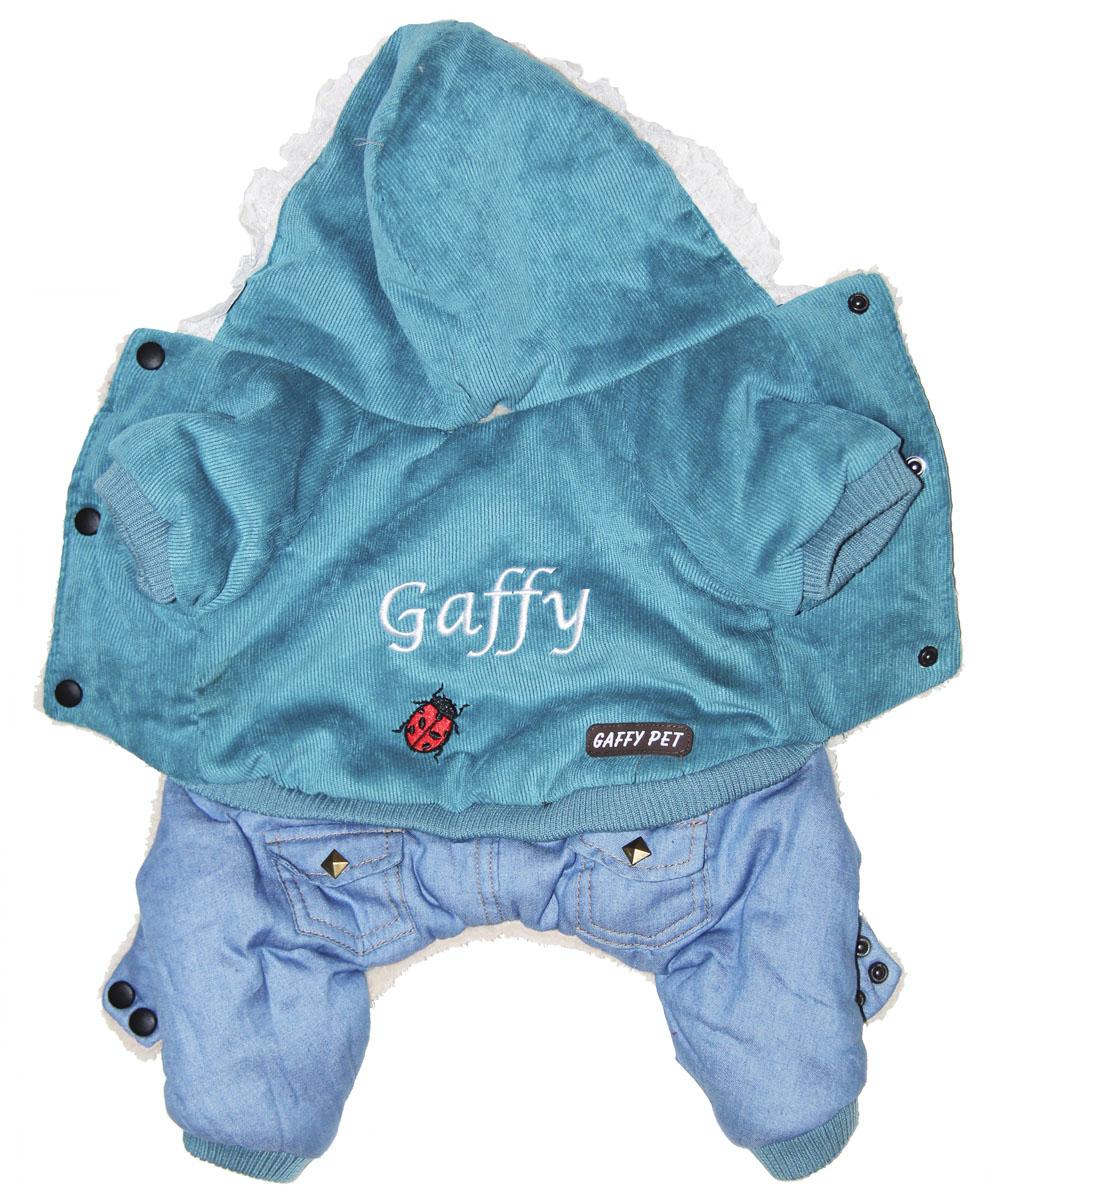 Комбинезон для собак Gaffy Pet Ladybird, зимний, для мальчика, цвет: голубой. Размер M11010 MКрасивая вельветовая курточка в сочетании с модным денимом Gaffy Pet Ladybird отлично подойдет на зиму.Все детали продуманы до мелочей. Капюшон отделан нежным кружевом. На стыке капюшона и спинки есть отверстие для поводка.Комбинезон внутри отделан теплым мехом для защиты от холода. Живот почти полностью закрыт, кроме необходимых для прогулок отверстий.На животе комбинезон фиксируется с помощью кнопок, а в нижней части живота есть 2 ряда кнопок для того, чтобы комбинезон точно сел по фигуре.Дополнительно комбинезон снабжен резинками на рукавах и штанинах для лучшей защиты от снега и холода.Затейливая вышивка и оригинальные кнопки добавят собачке индивидуальности.Данные модели комбинезонов с закрытым животом были запатентованы как полезная модель. Патент # 2014125392. Обхват шеи: 26 см.Обхват груди: 45 см.Длина спины: 31 см.Одежда для собак: нужна ли она и как её выбрать. Статья OZON Гид